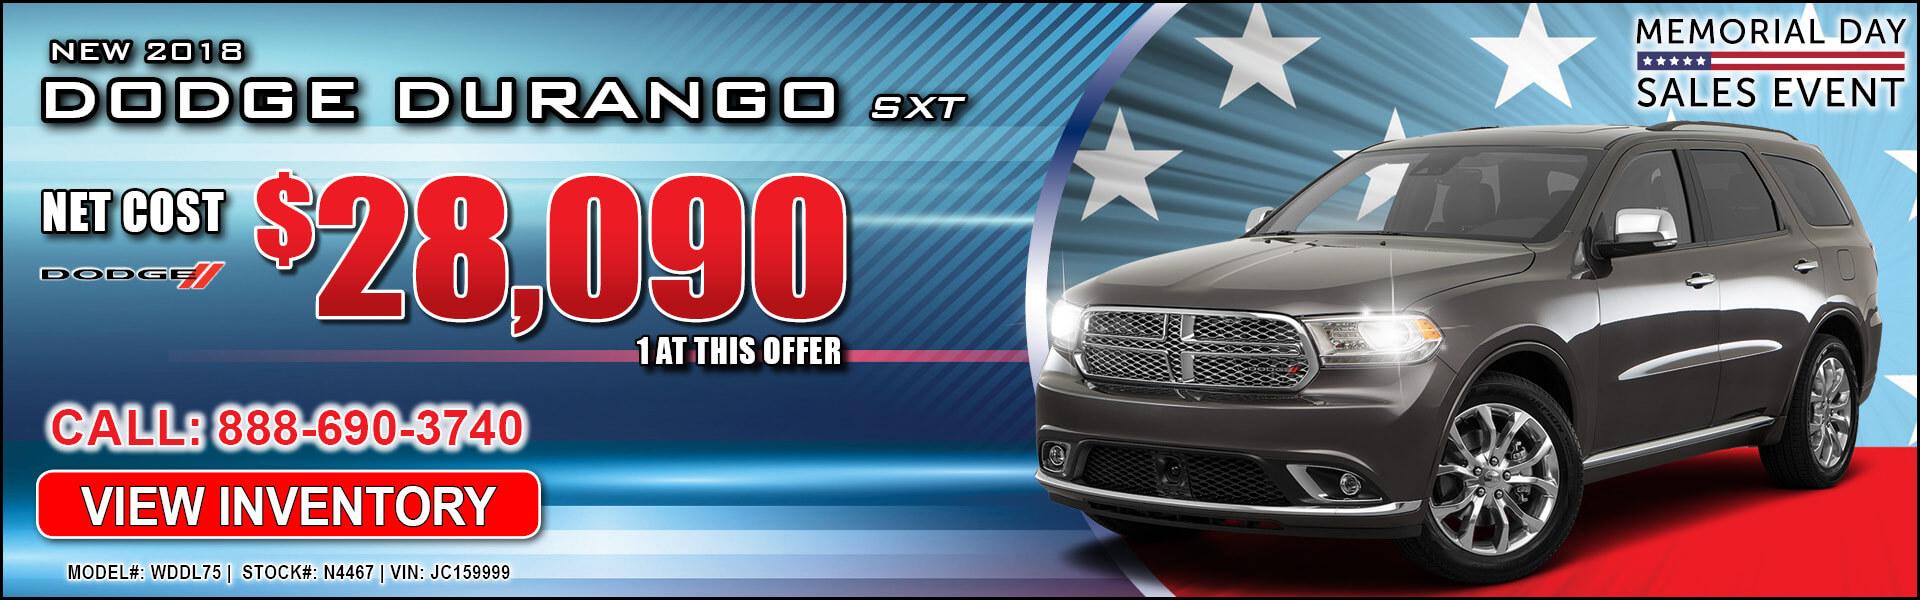 Dodge Durango $28,090